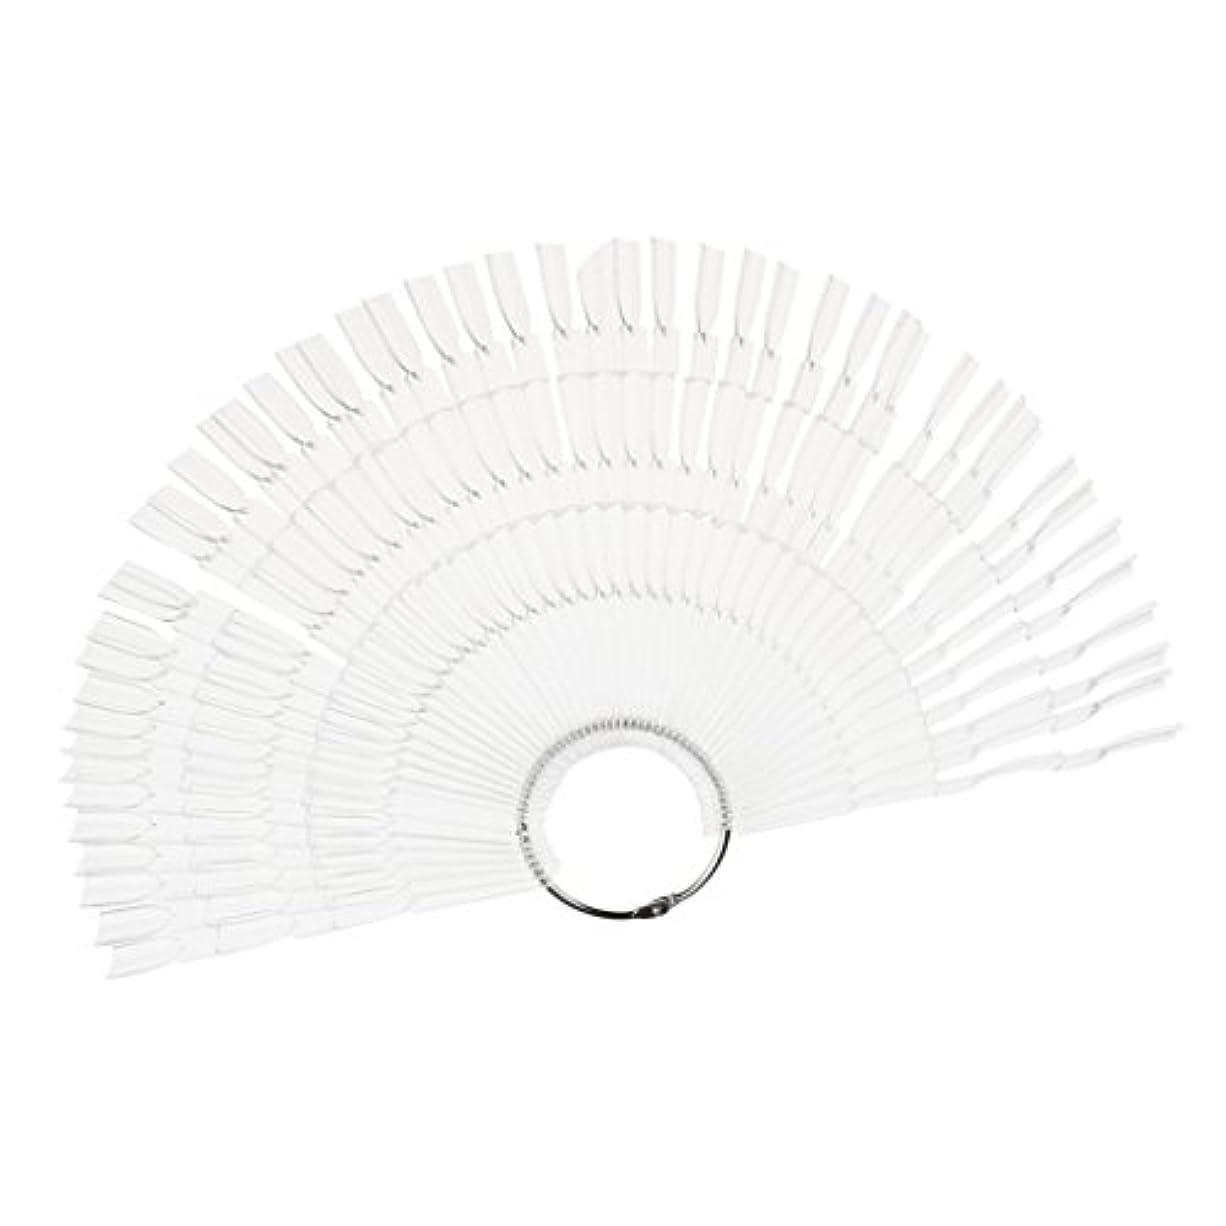 ランダム推進美人ネイルアート カラー表示チャート 約50個の扇形ヒント ネイルパレット 2タイプ選べる - クリア